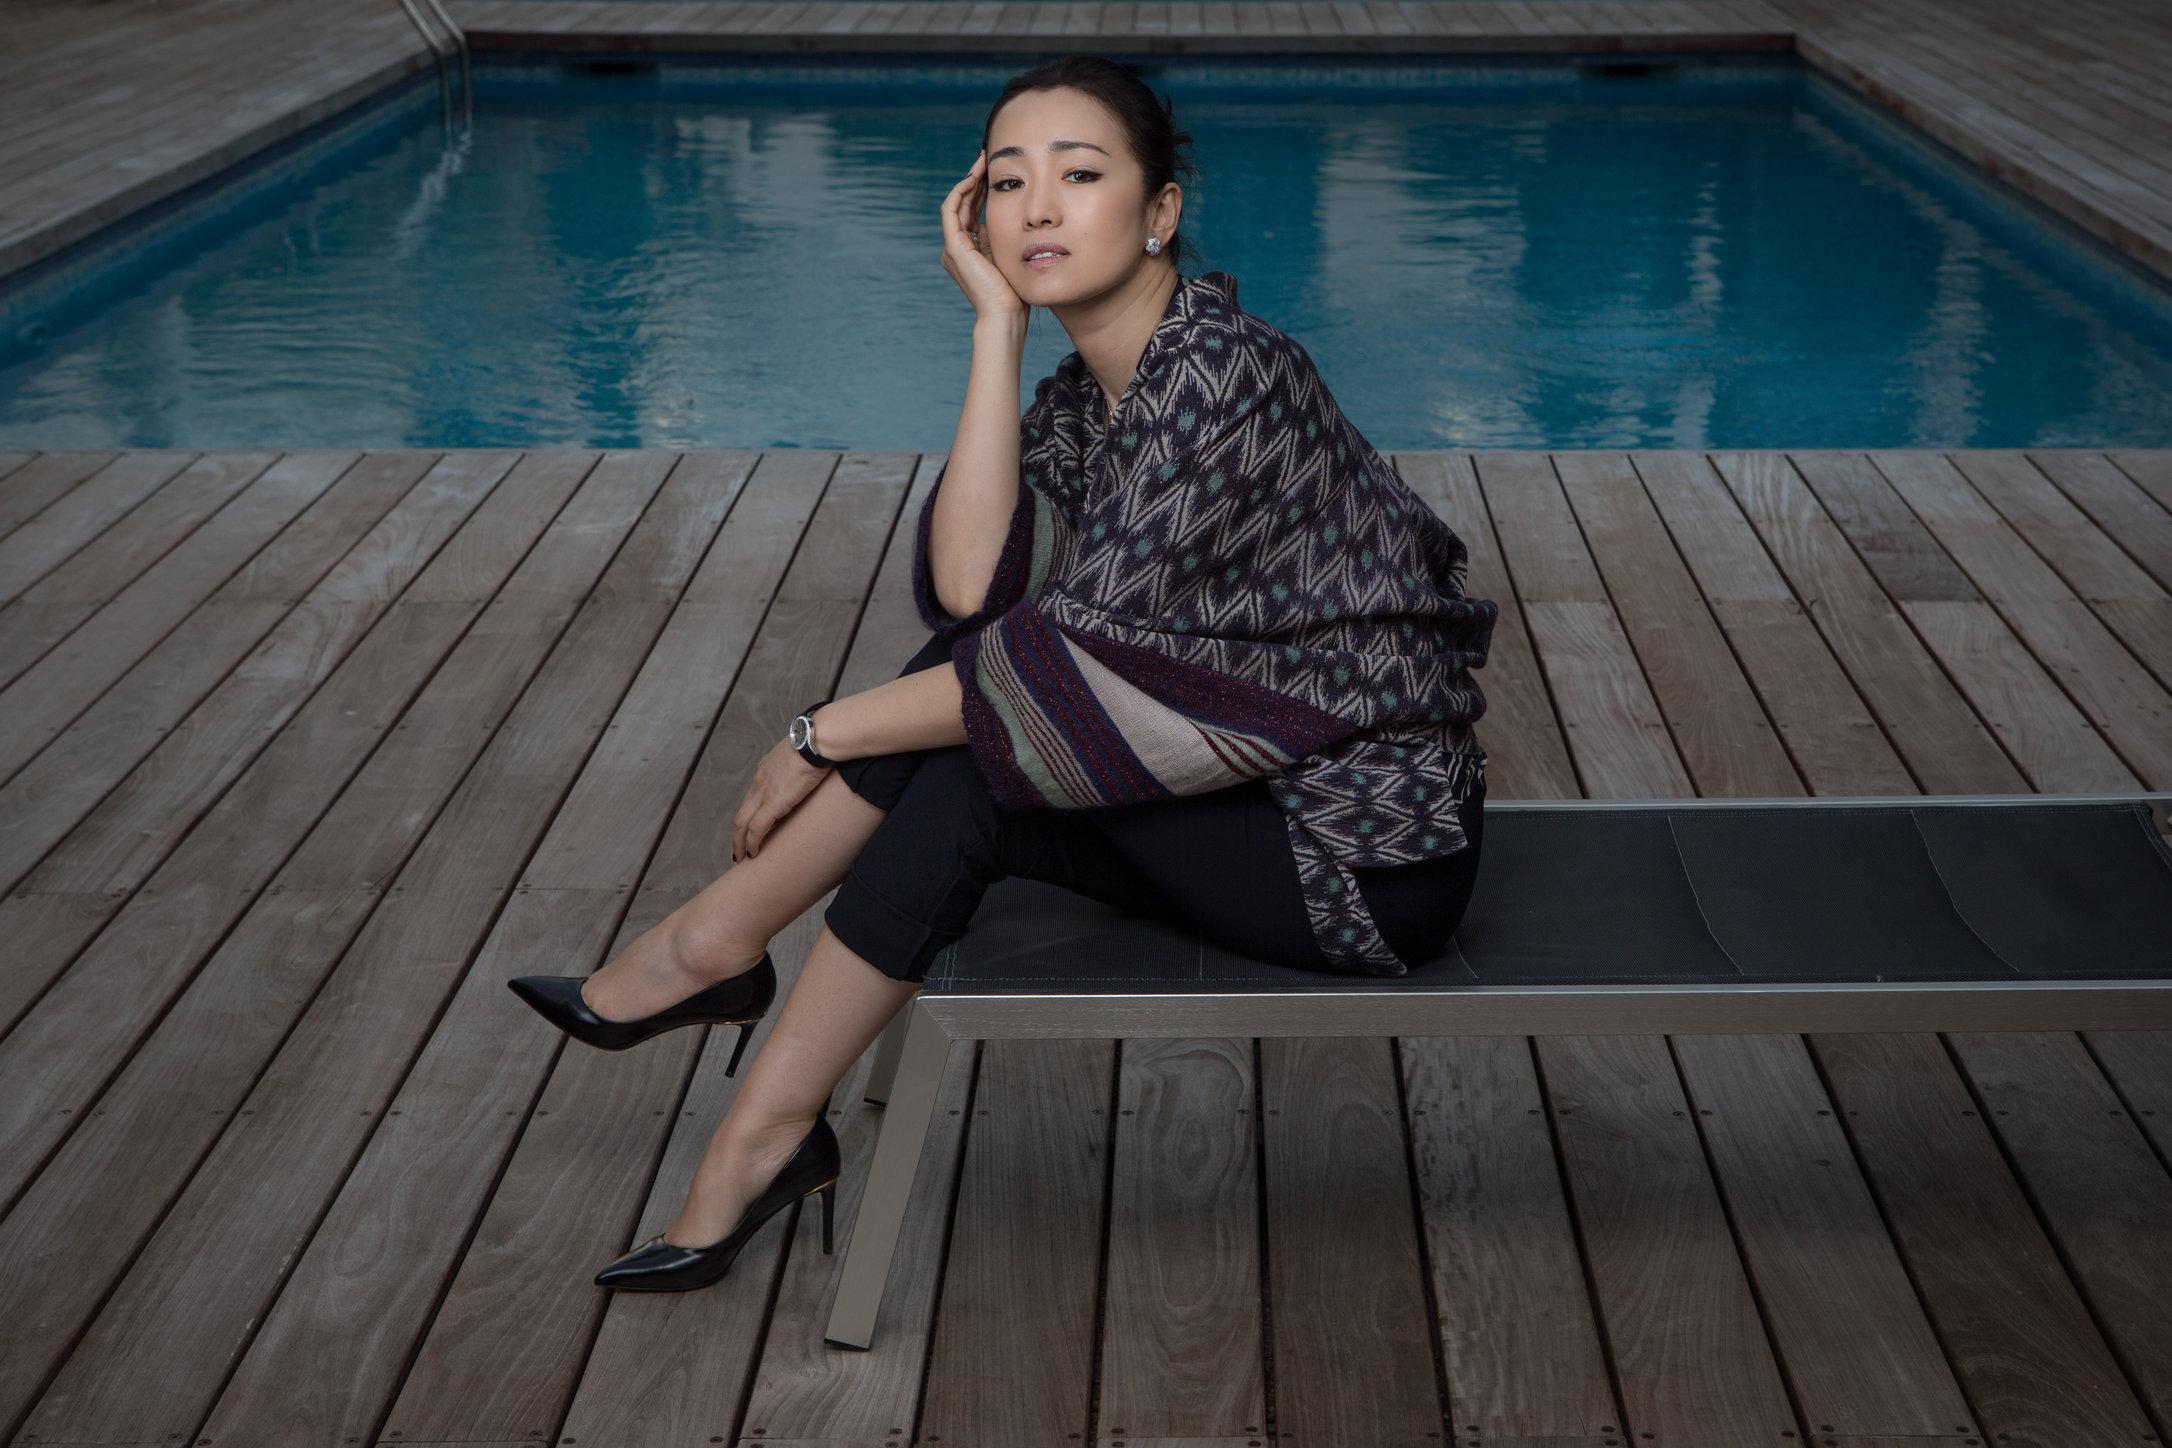 gong li, actress